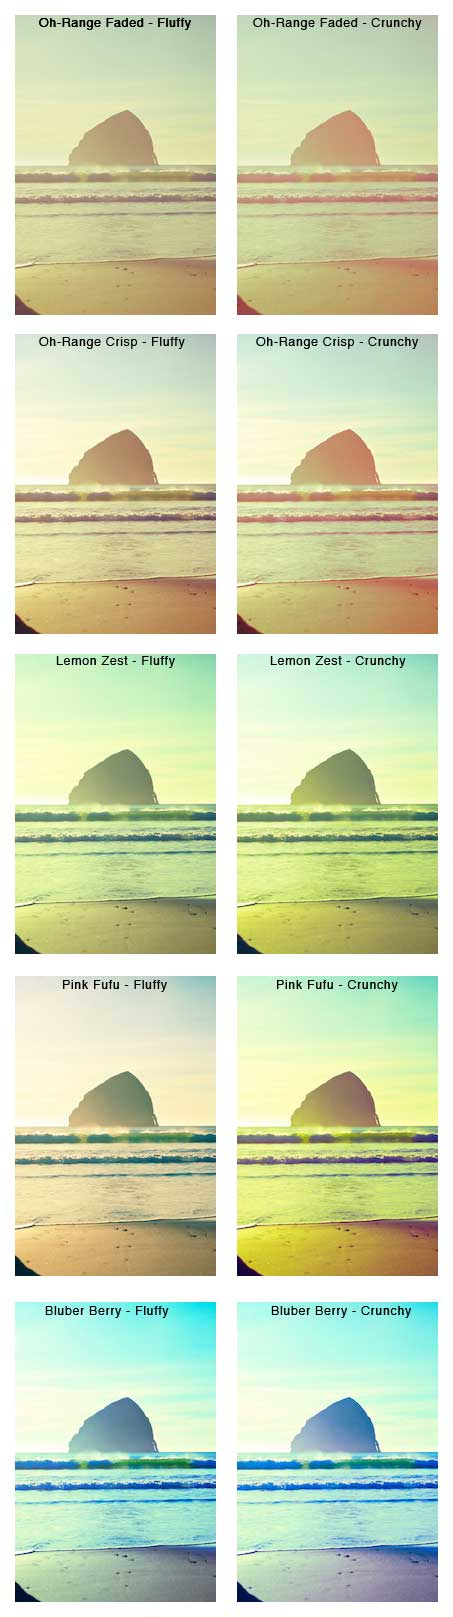 fufuberrySample.jpg